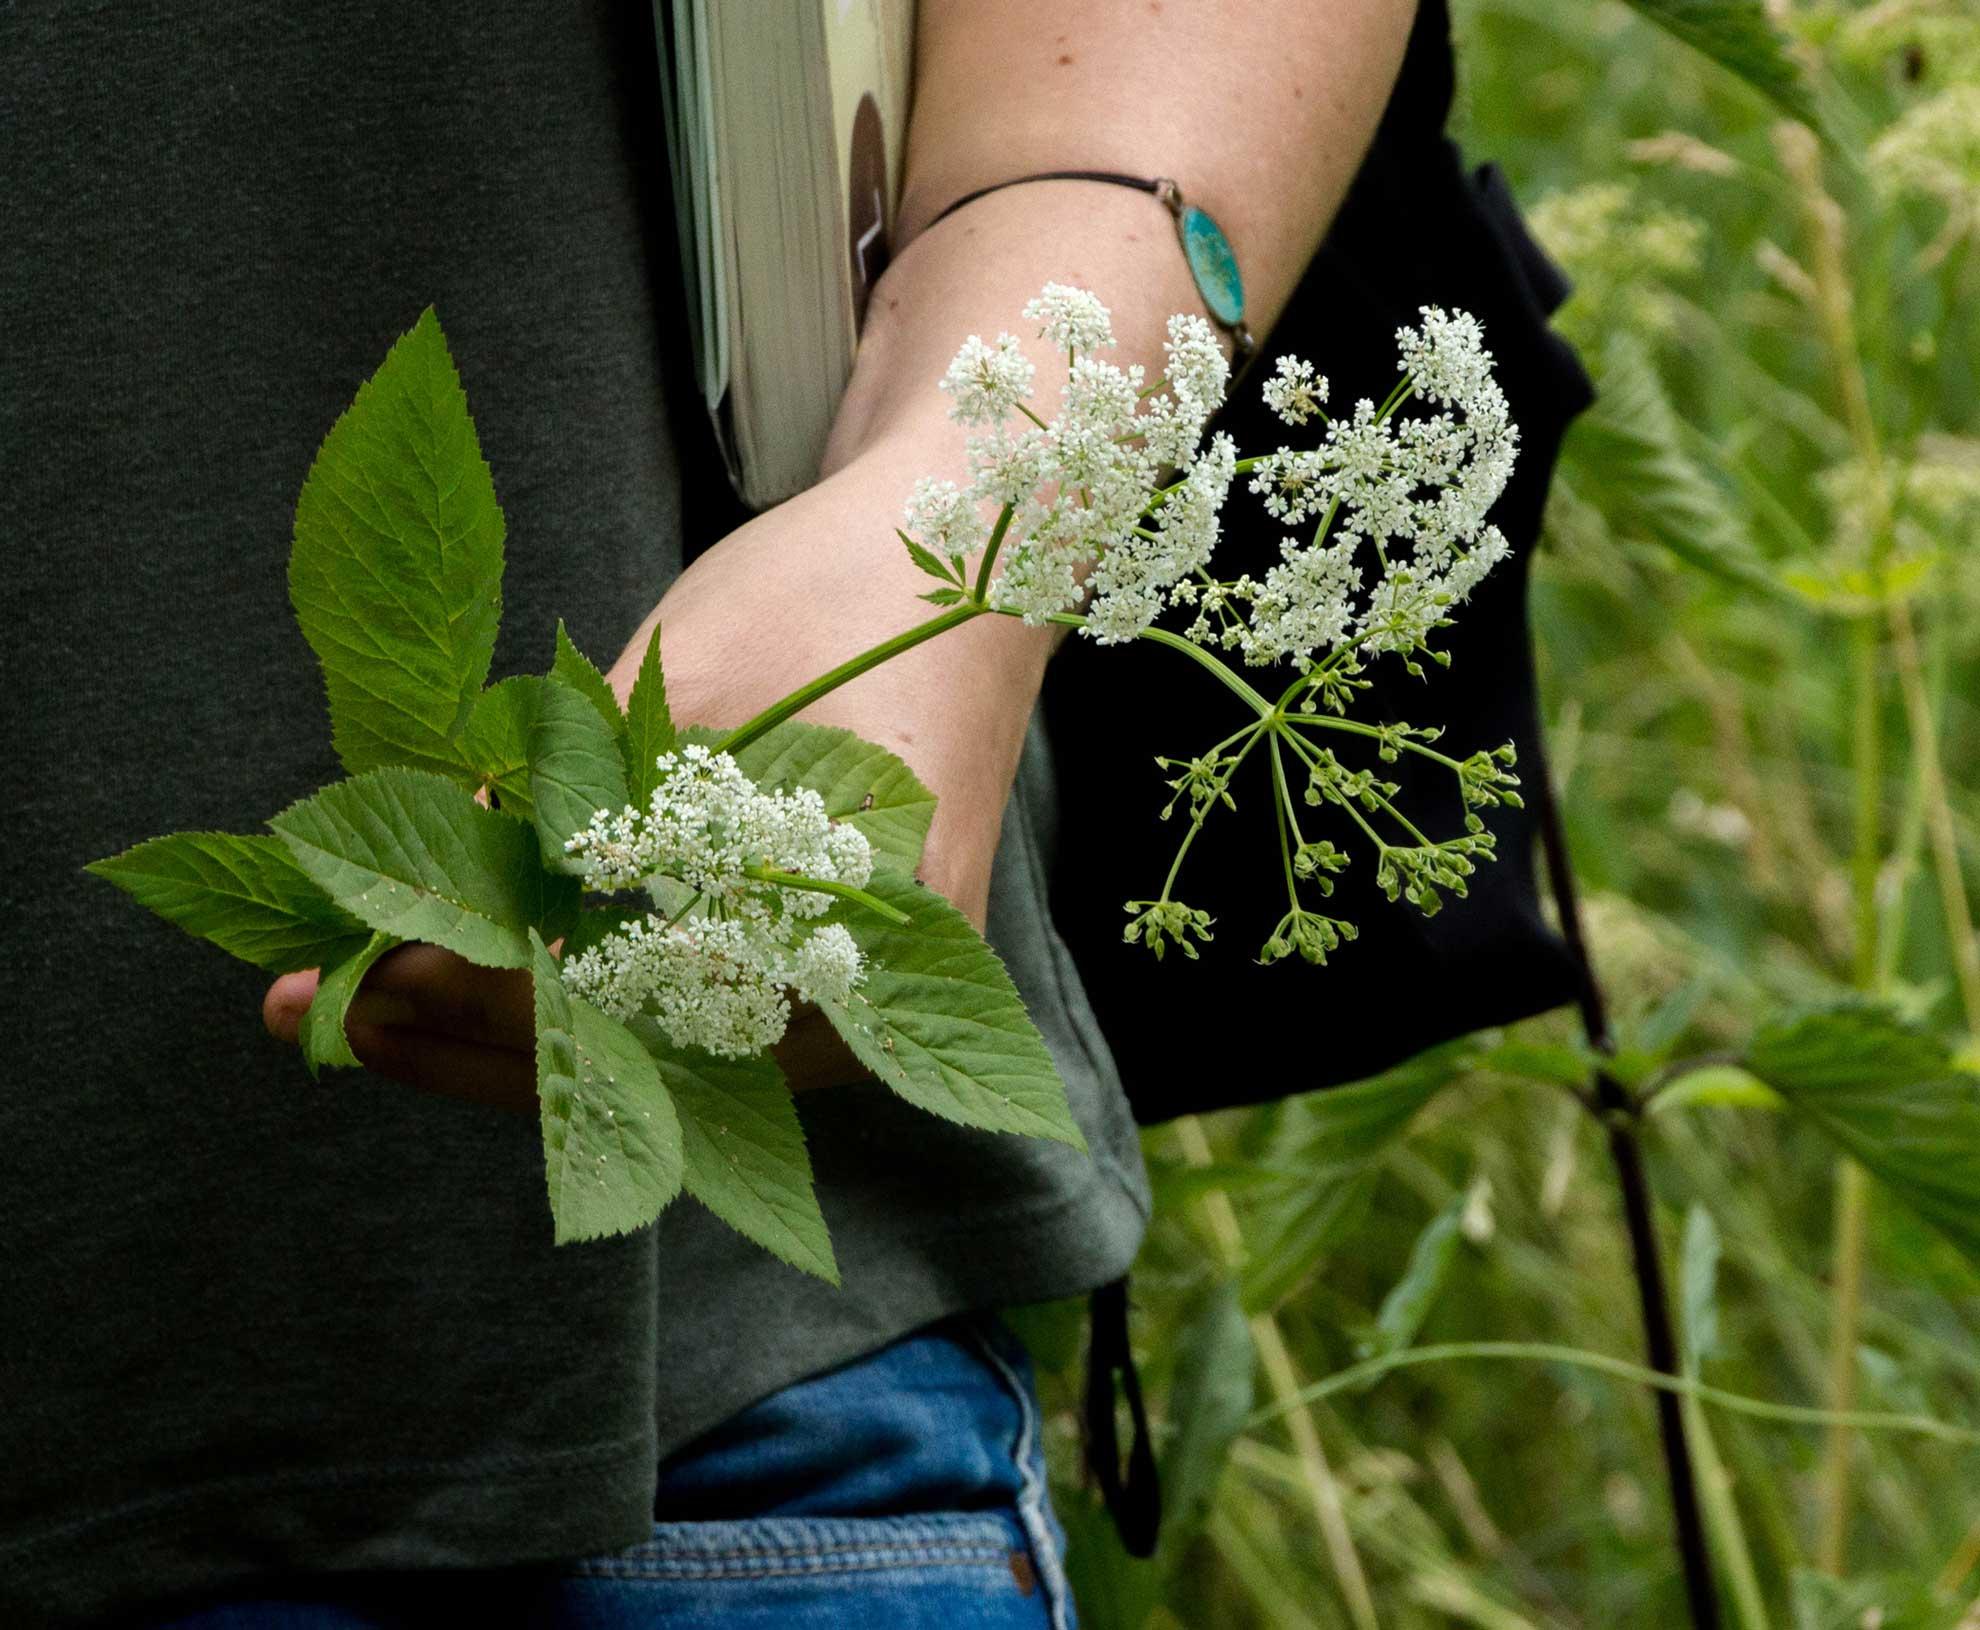 Herbal Hunter – Kräuterblog. Trau keinem Ort an dem kein Unkraut wächst!